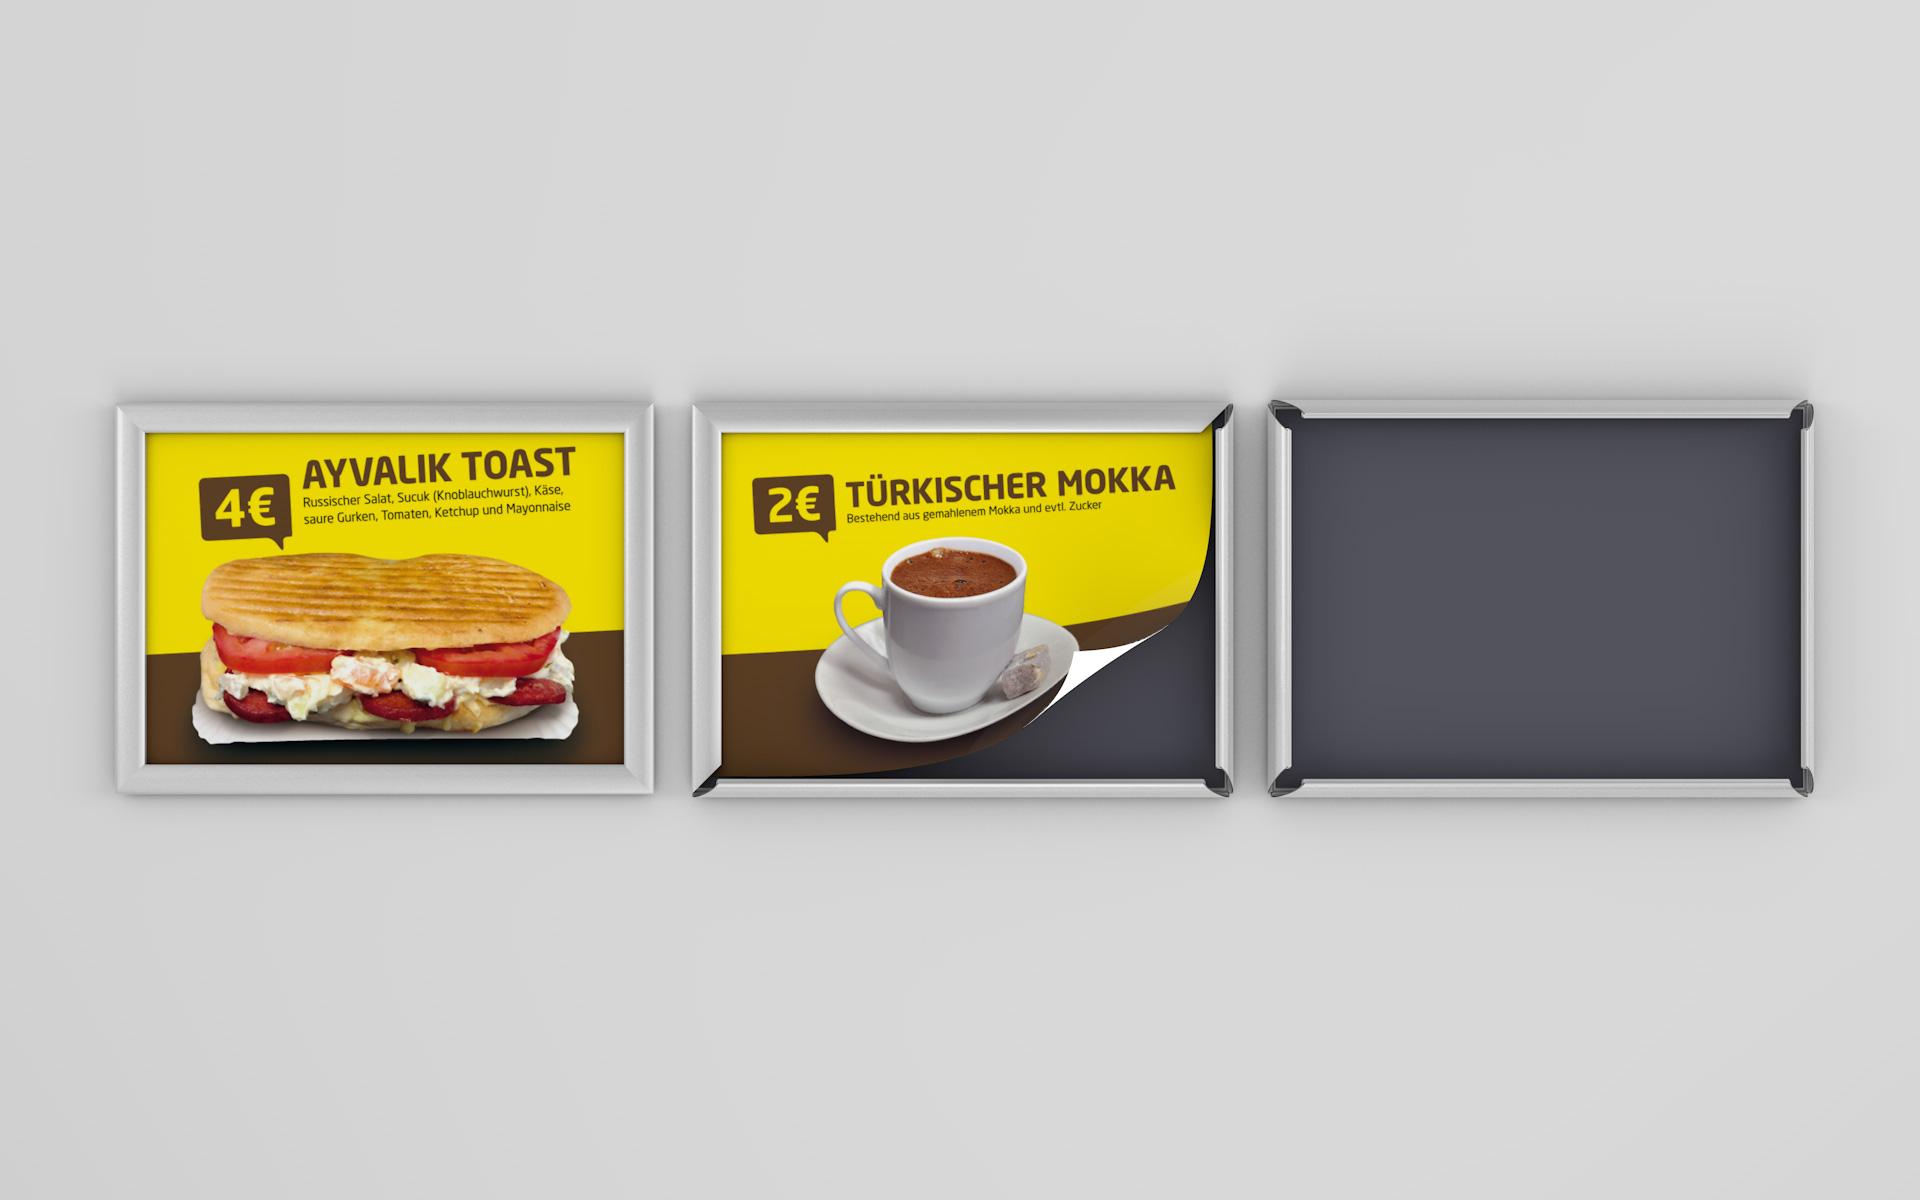 Produktplakate für wupper kumpir